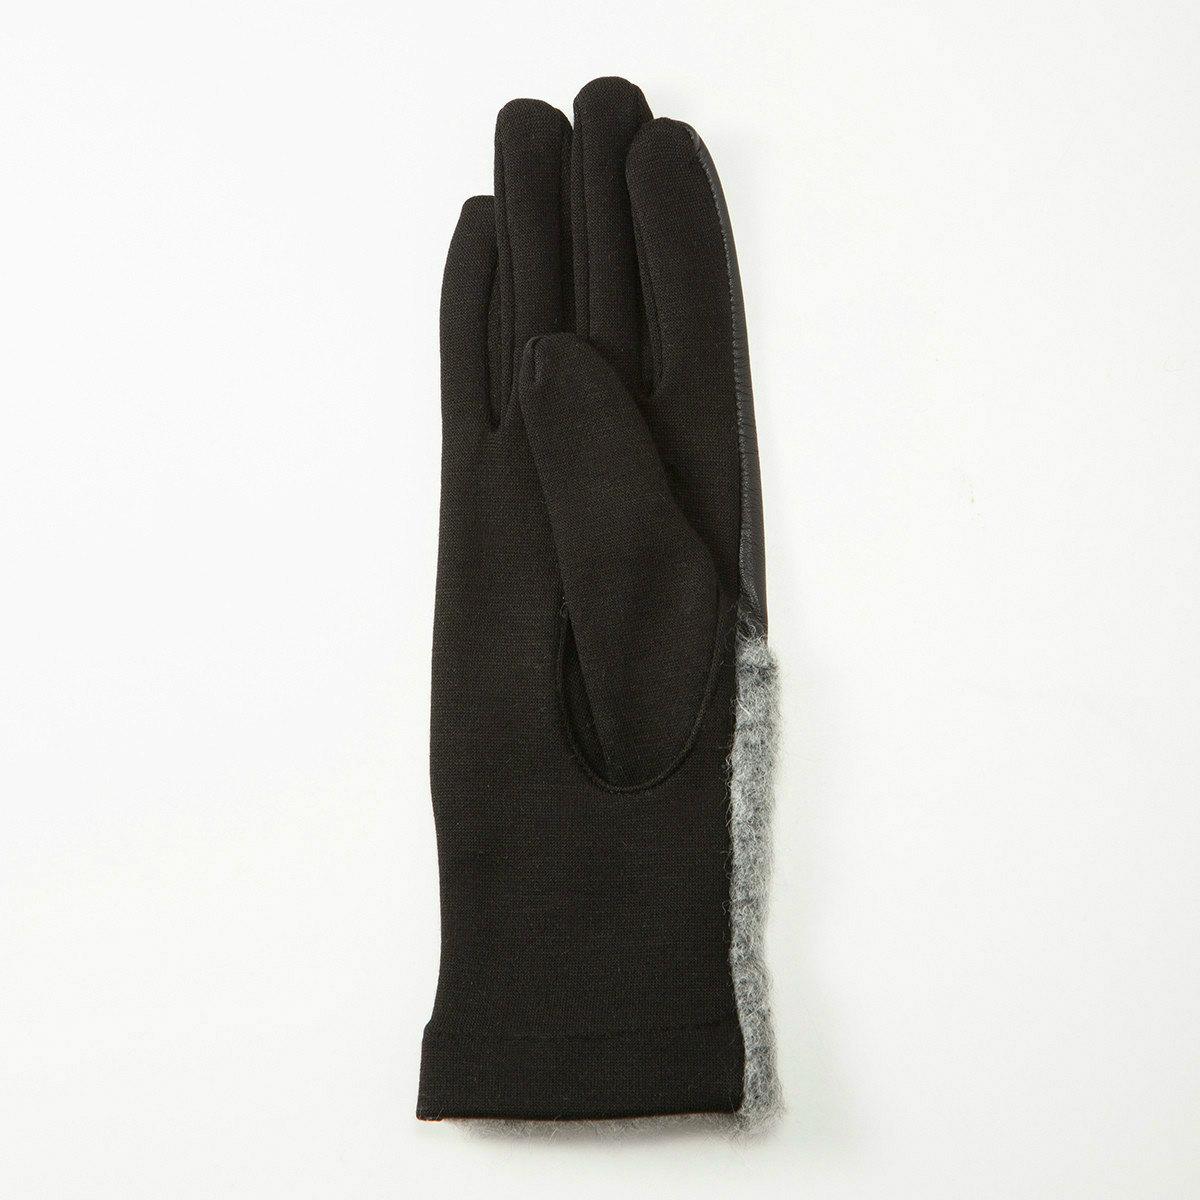 BIYUTE レディース ジャージ手袋 甲側レザーとモコモコの異素材コンビ ストレッチ素材 Mサイズ 全2色